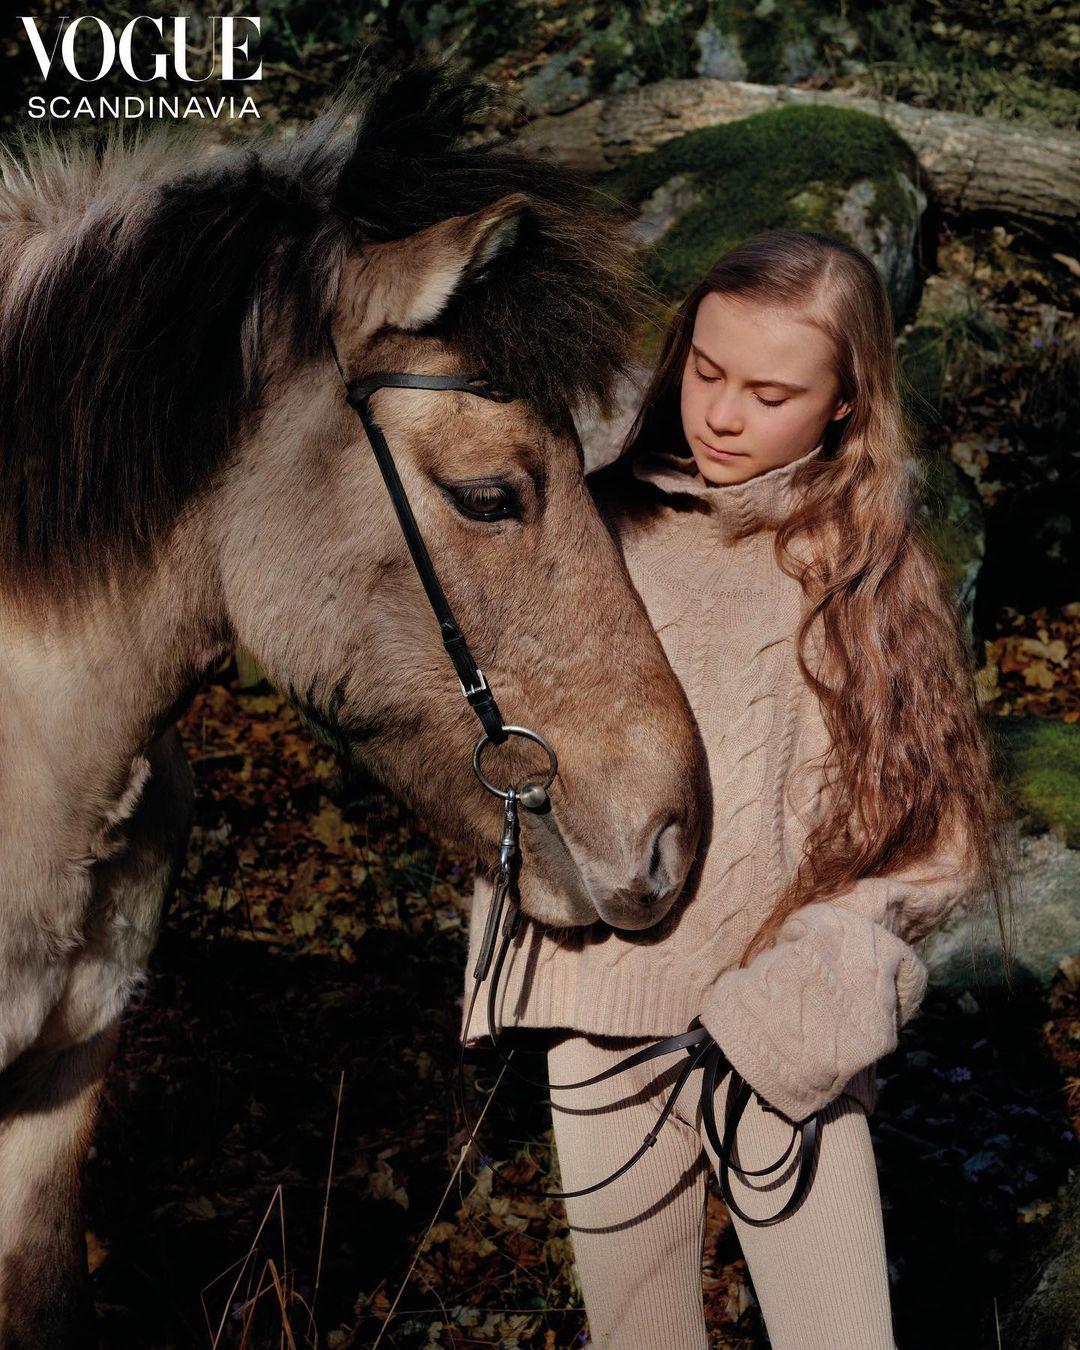 Экоактивиста Грета Тунберг стала лицом обложки первого выпуска Vogue Scandinavia-Фото 1